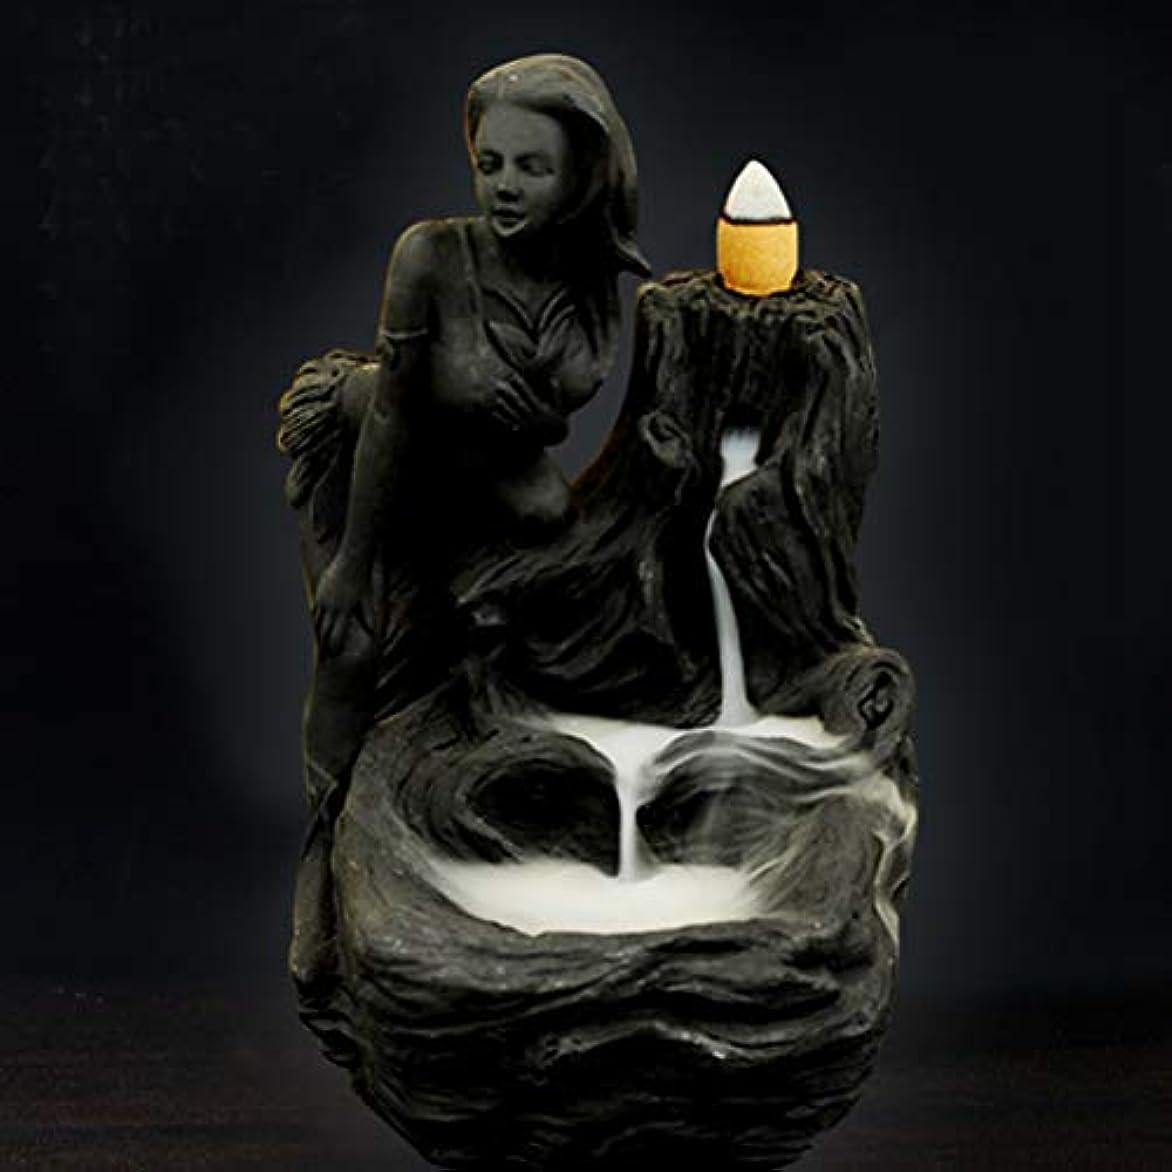 主桁格納女神香炉煙逆流タワー香炉香炉香炉ホルダー香炉ホームデコレーション